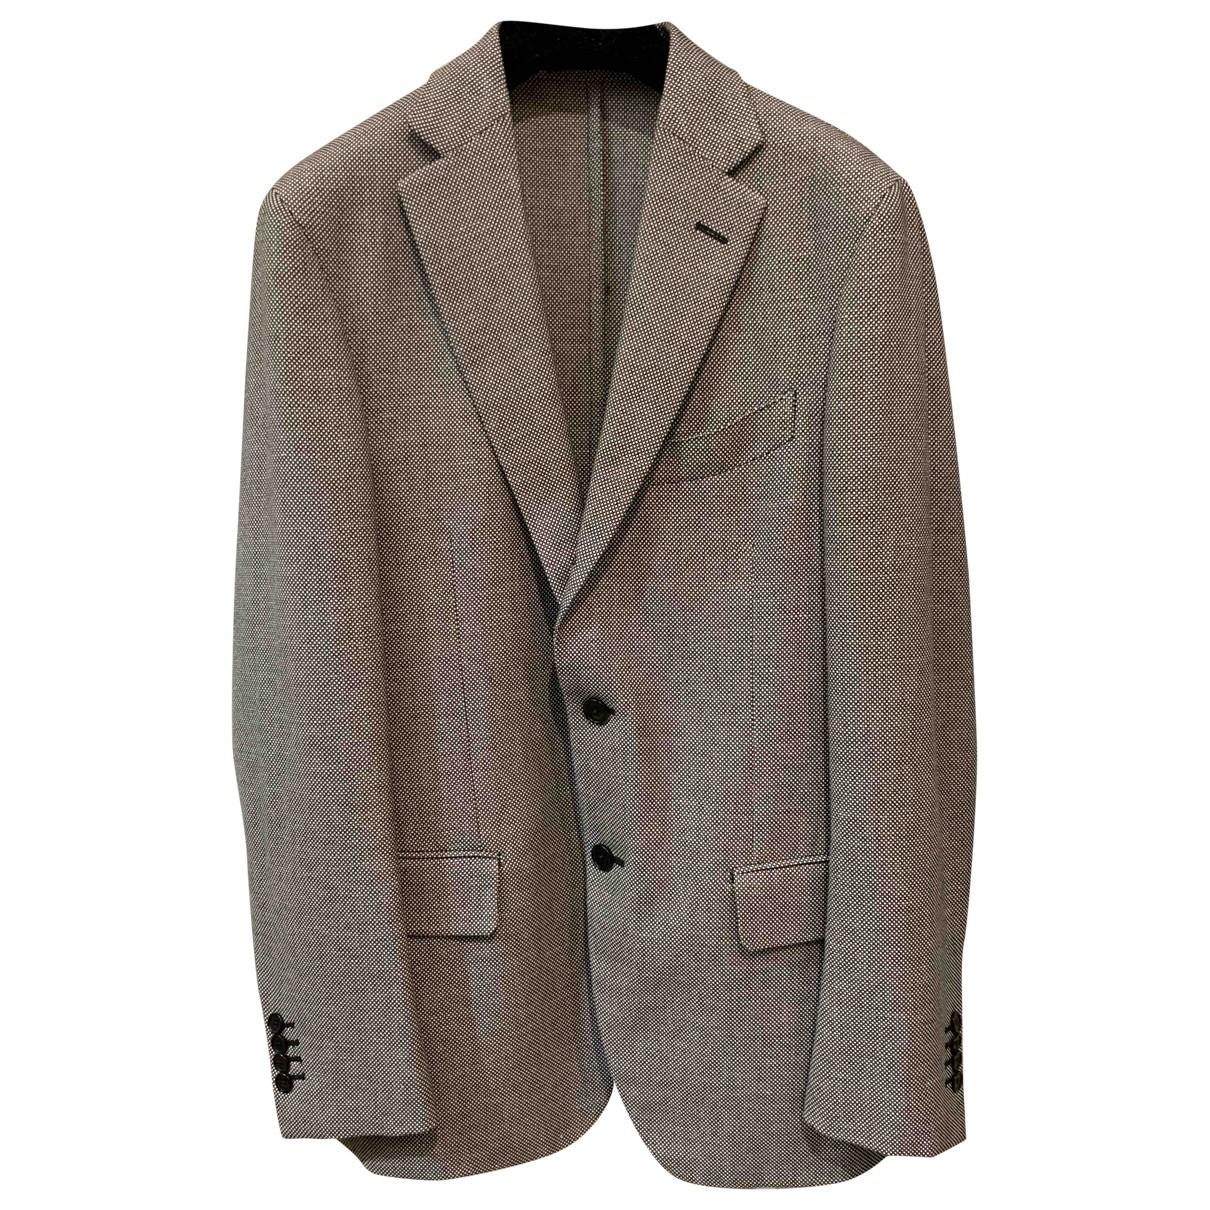 Piombo - Vestes.Blousons   pour homme en coton - multicolore